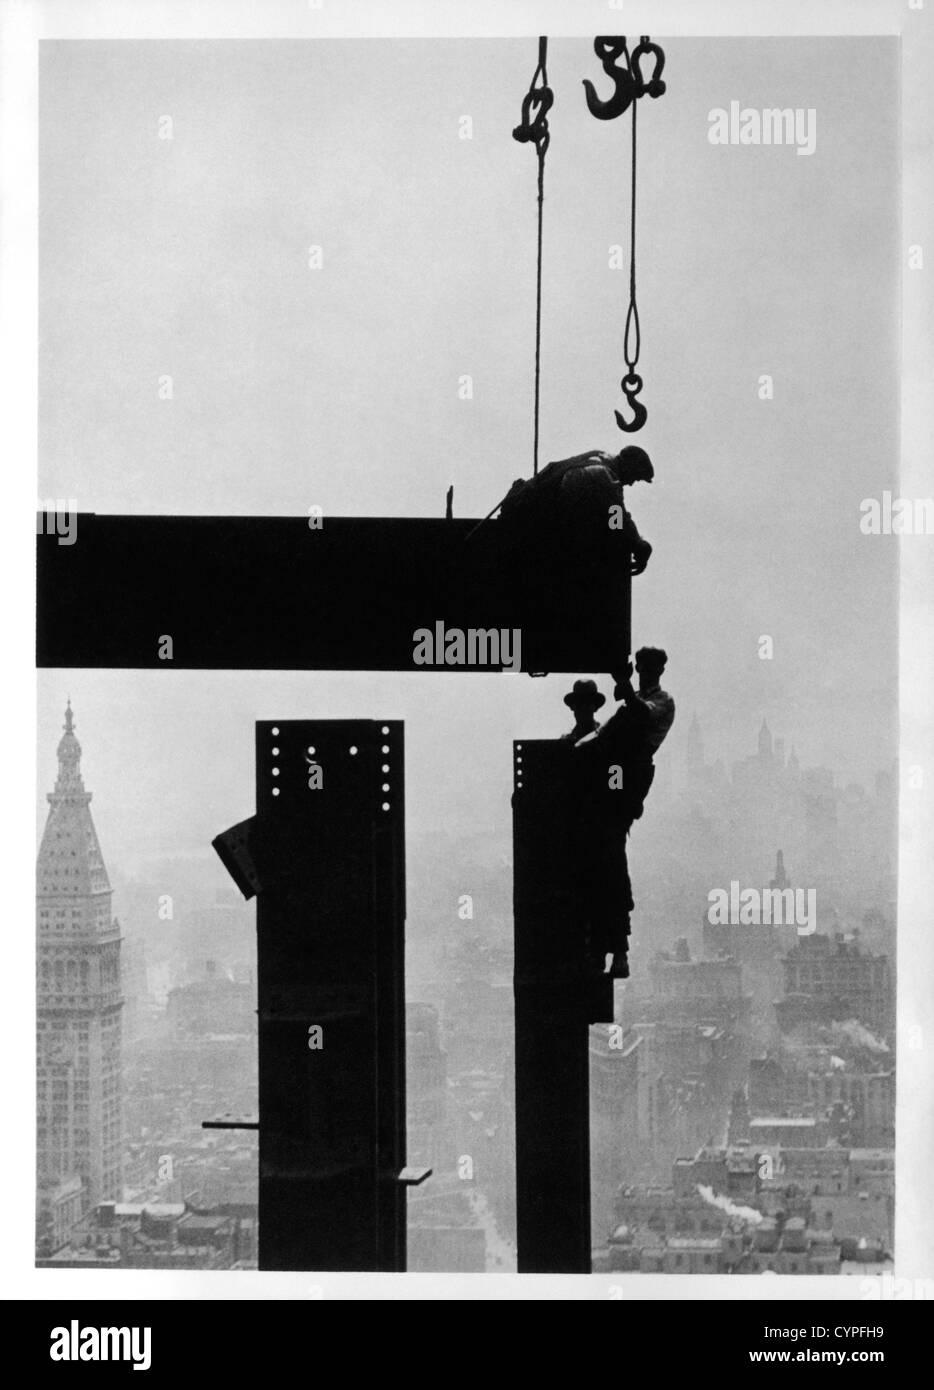 Lavoratori edili e l'Empire State Building, New York City, Stati Uniti d'America, circa 1930 Immagini Stock